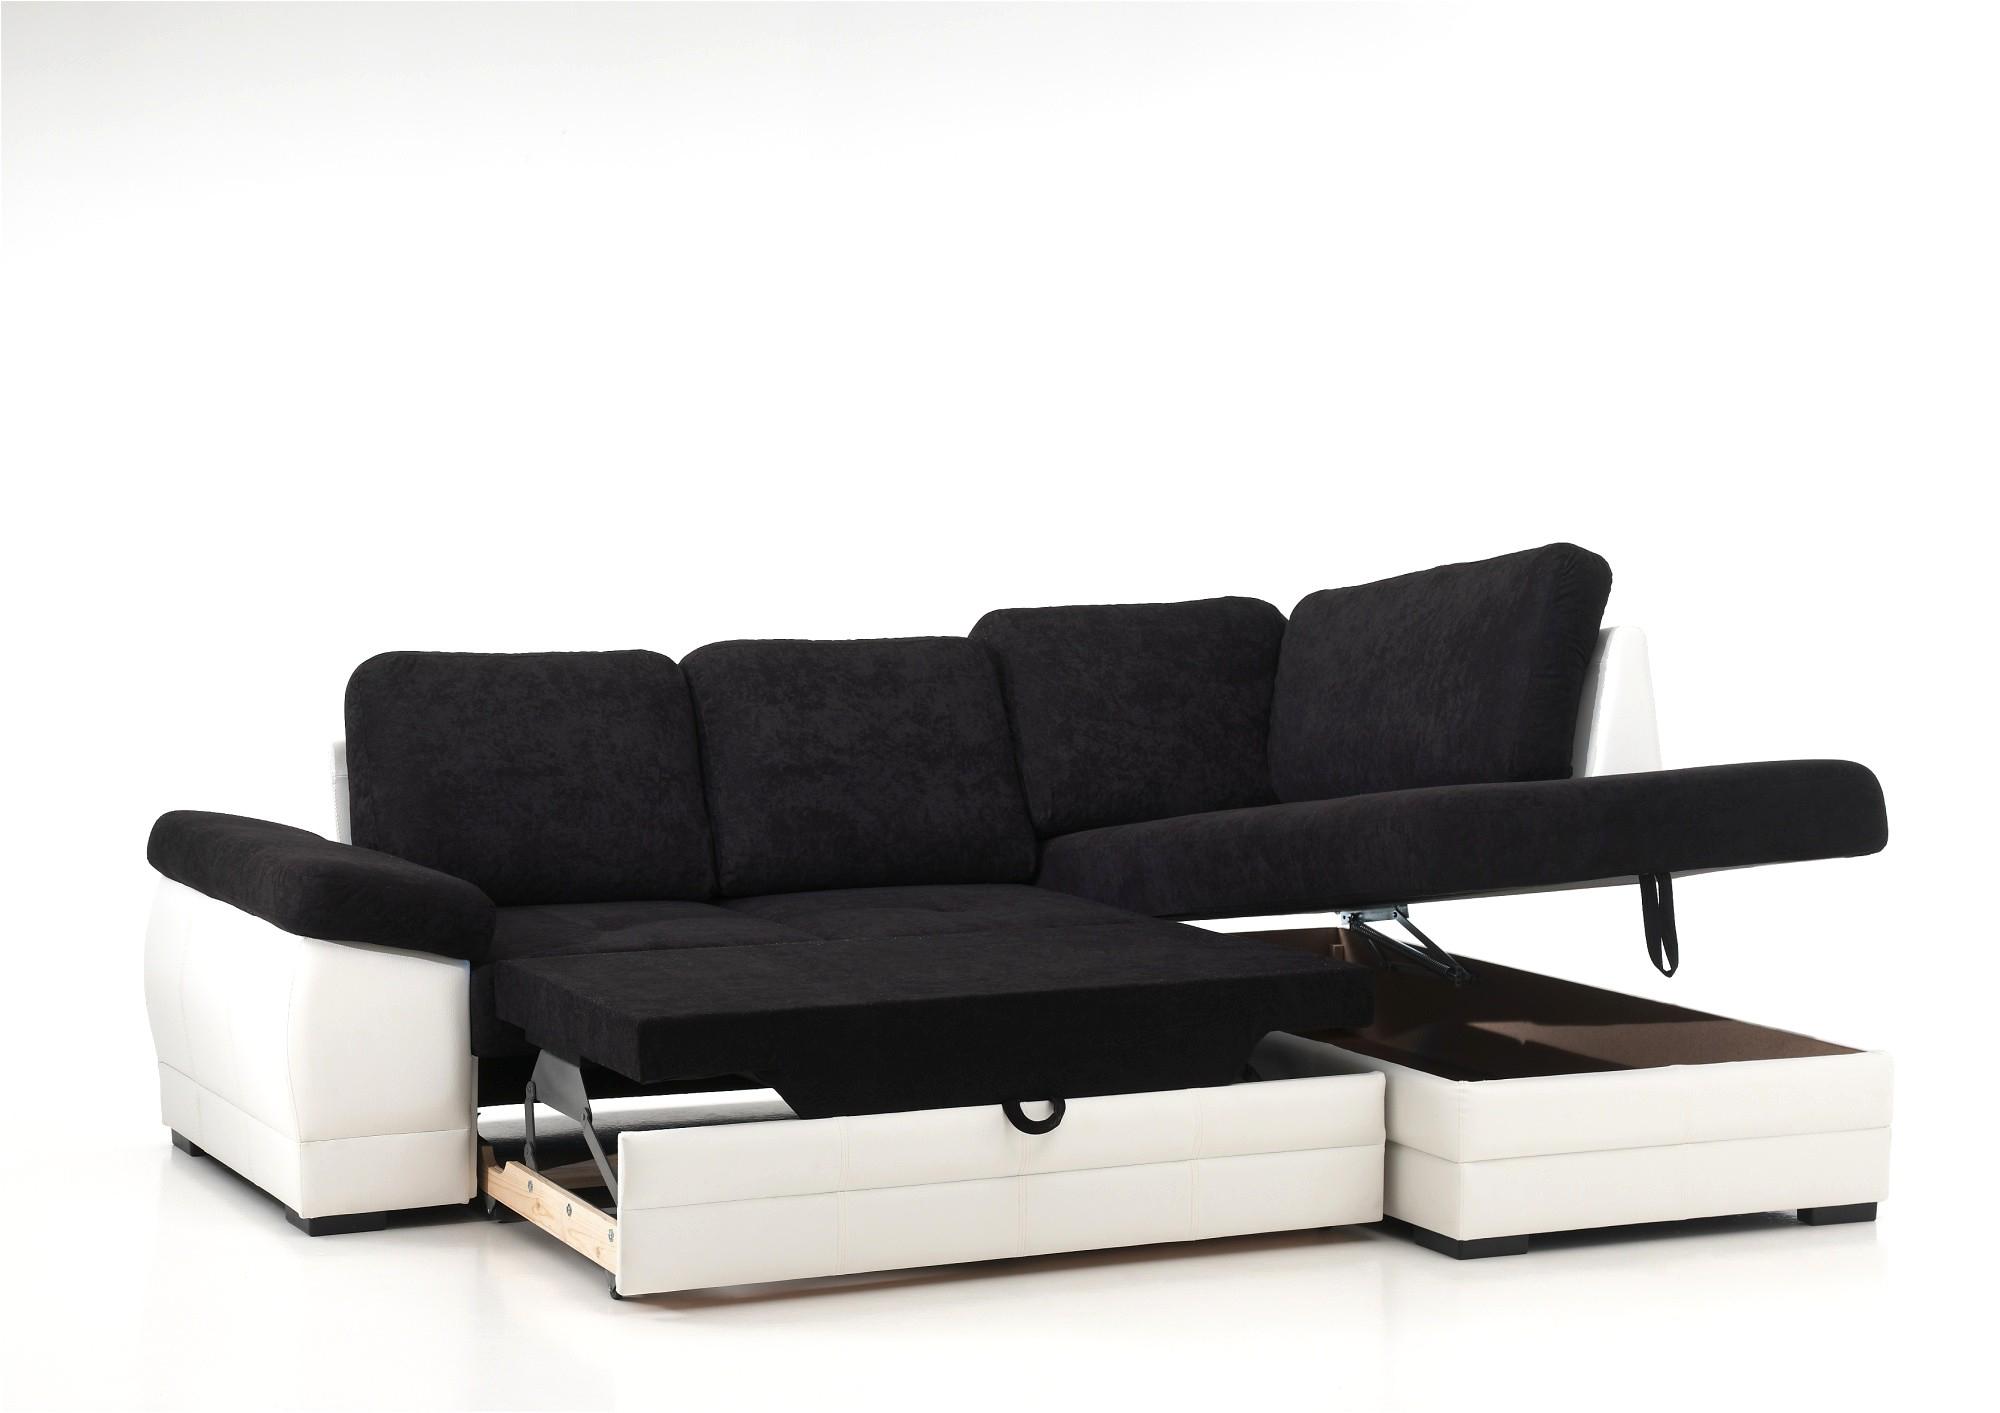 Plaid Pour Canape D Angle Nouveau Photos Divan Pas Cher 21 Canape D Angle Convertible Noir De solde